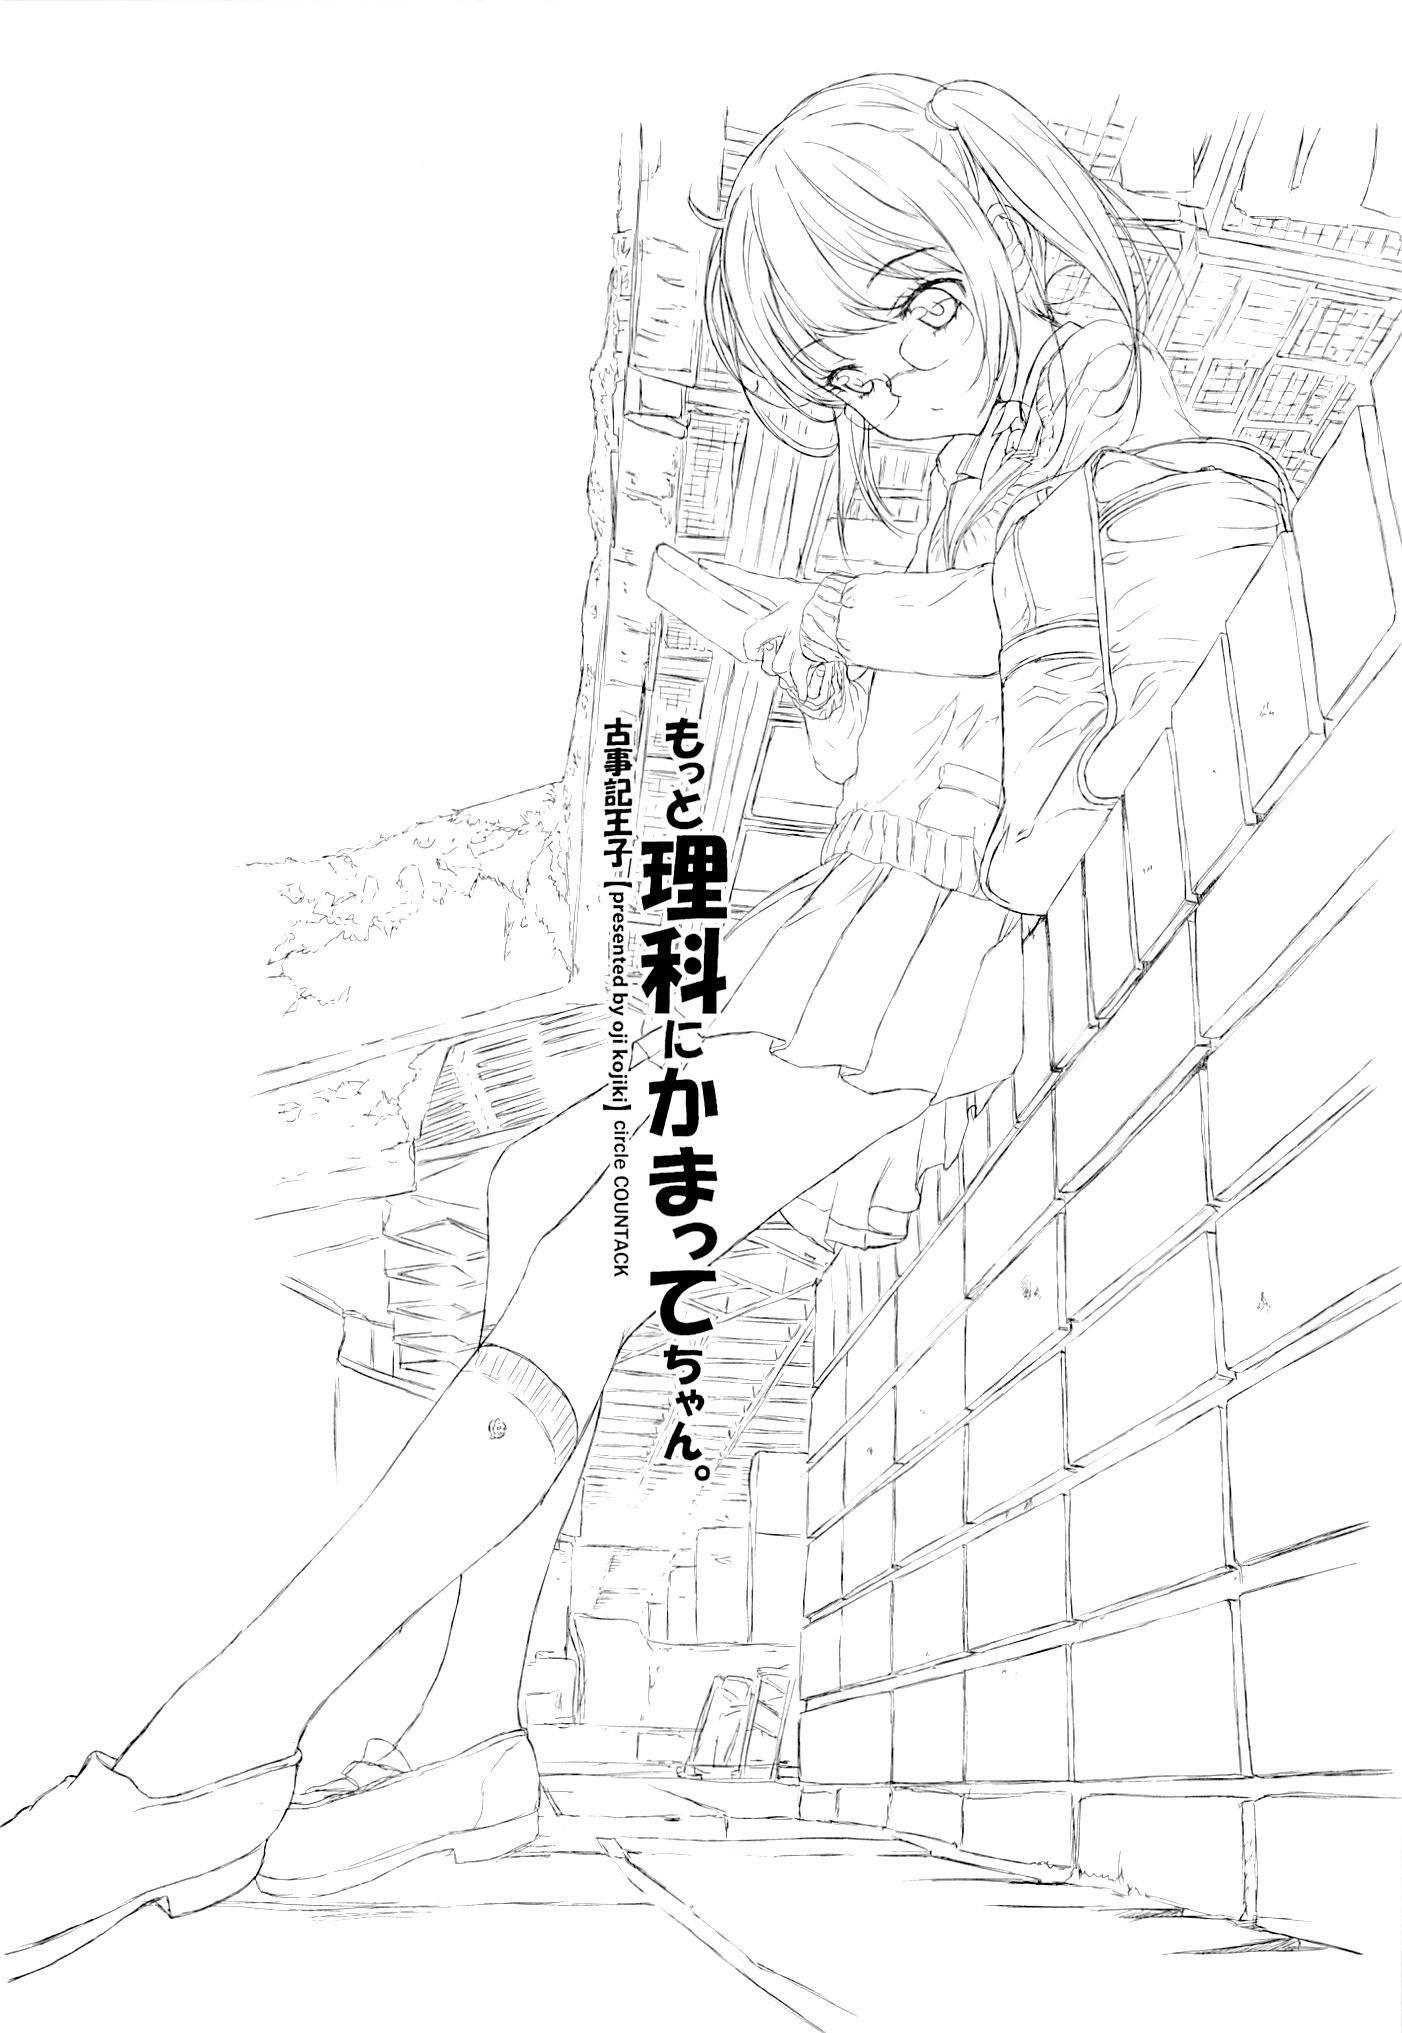 【エロ漫画】優等生系のメガネっ娘JKの理科が小鷹先輩を妄想してオナニーしてたら見られちゃって美乳おっぱいを吸われまくってオマンコくぱぁされて中出し射精されちゃうwwwwww